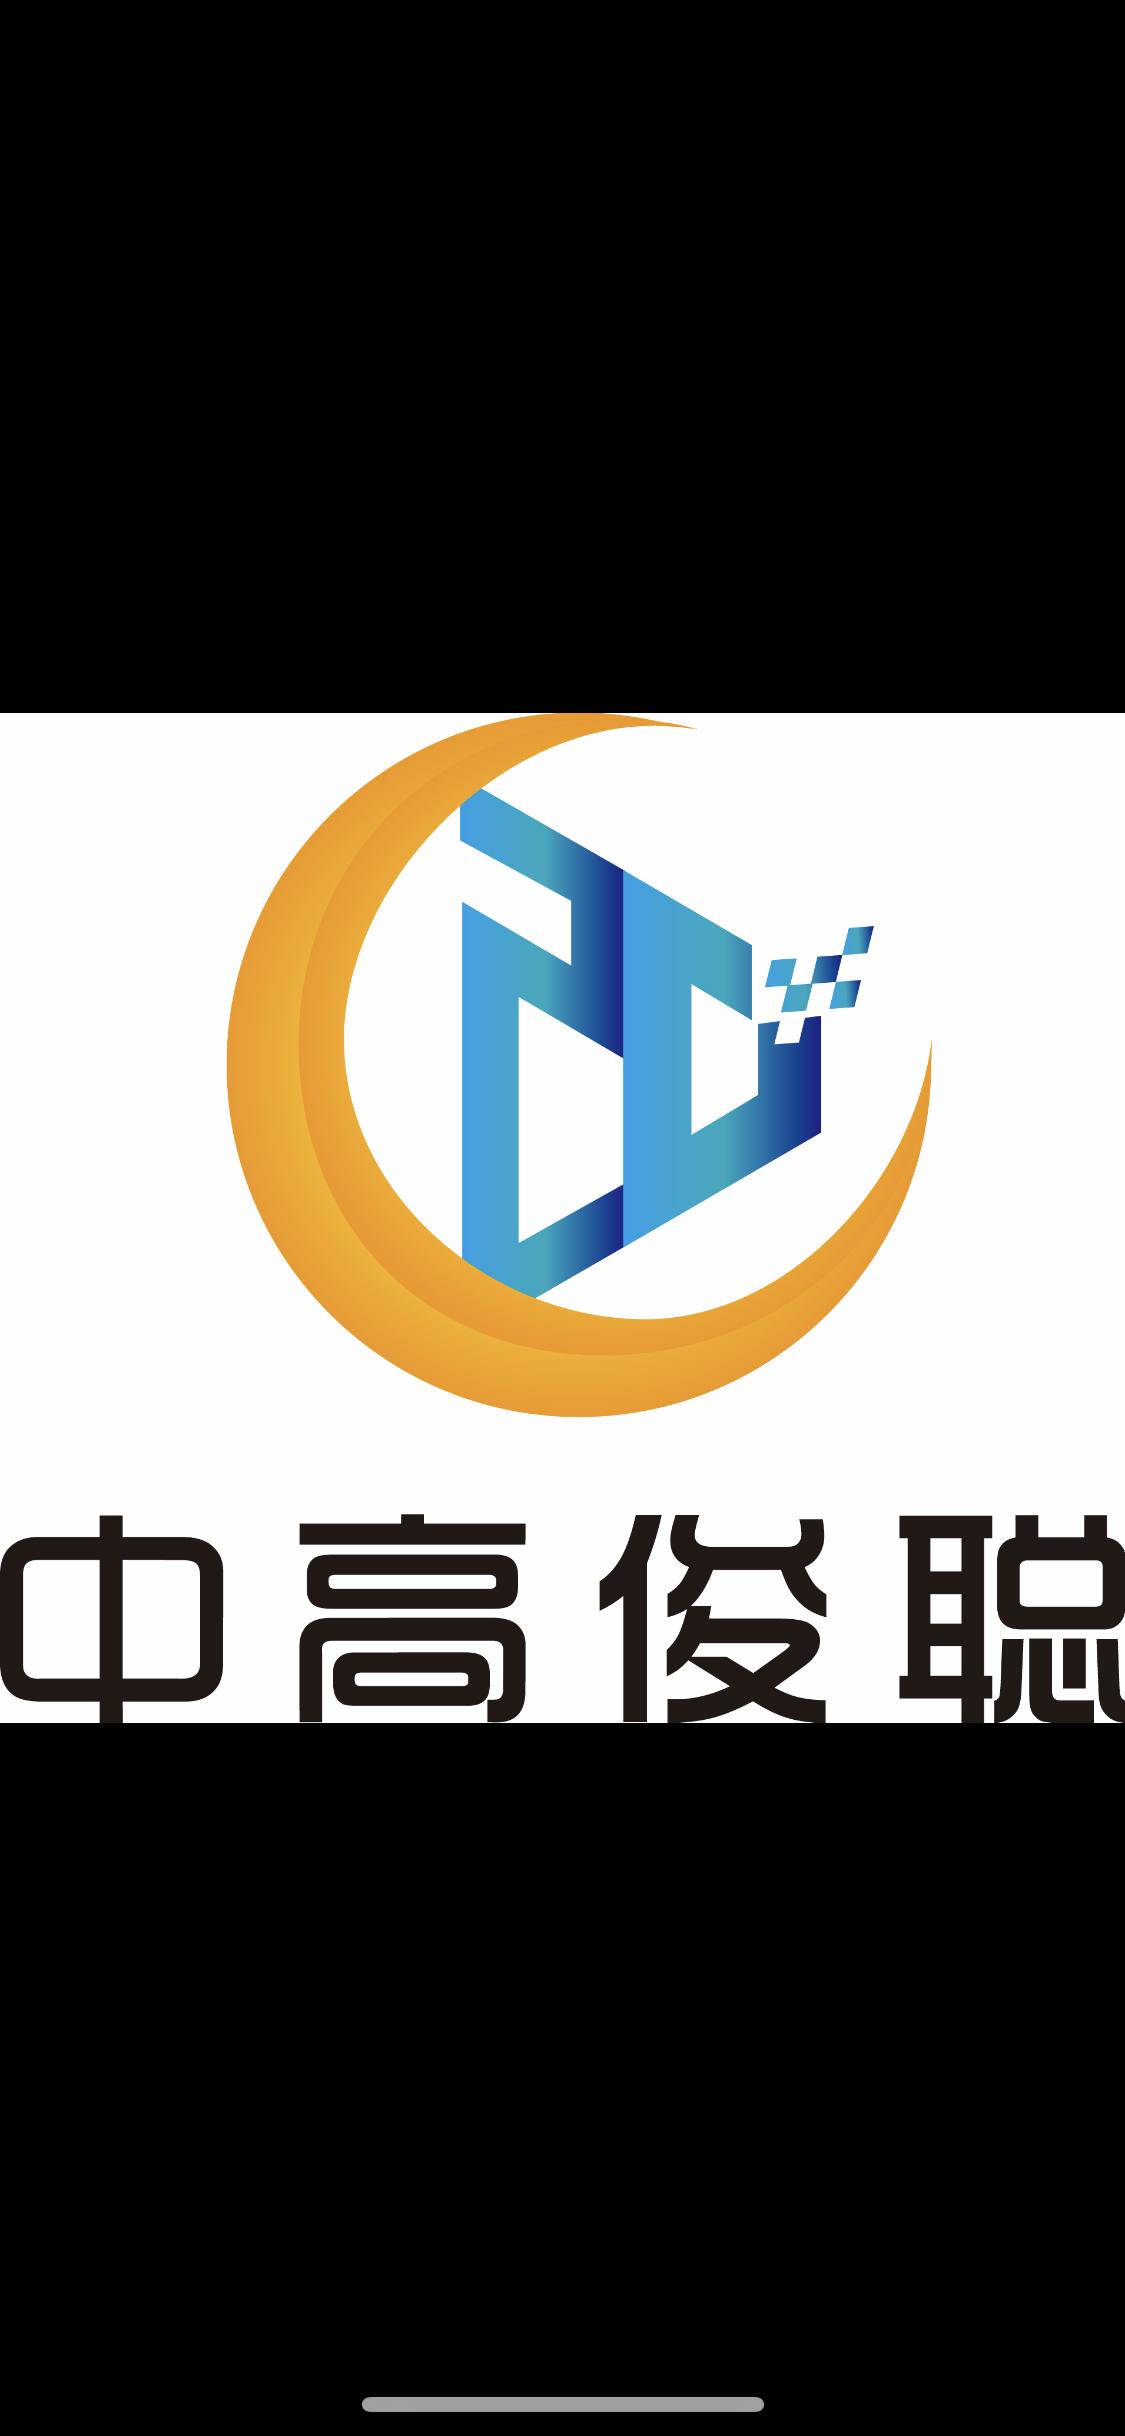 江蘇中高俊聰通信科技有限公司